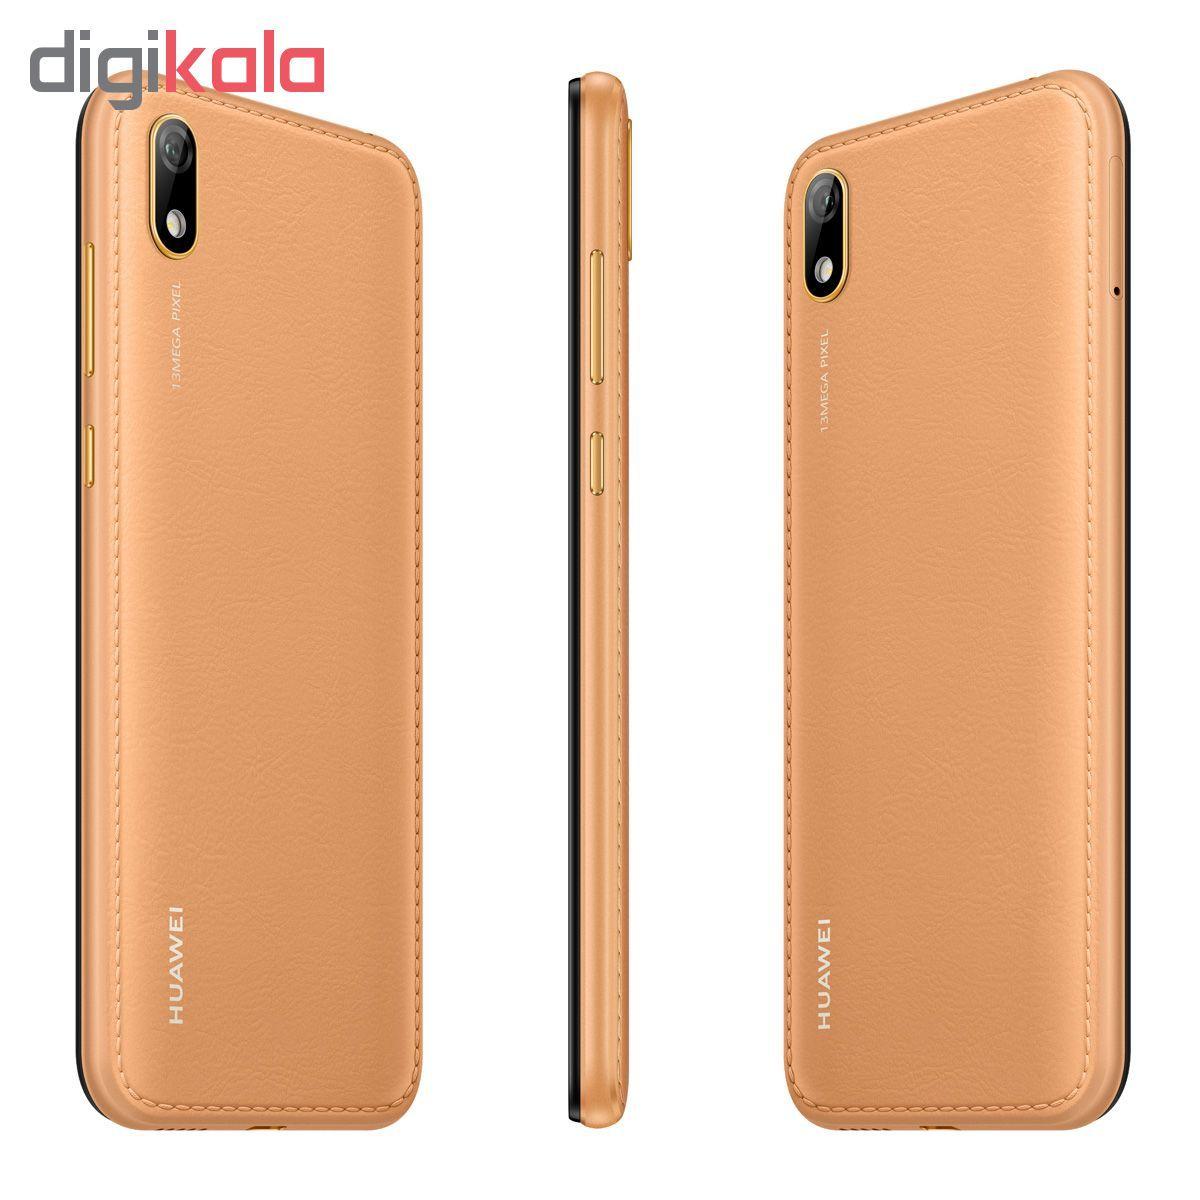 گوشی موبایل هوآوی مدل Y5 2019 AMN-LX9 دو سیم کارت ظرفیت 32 گیگابایت main 1 5